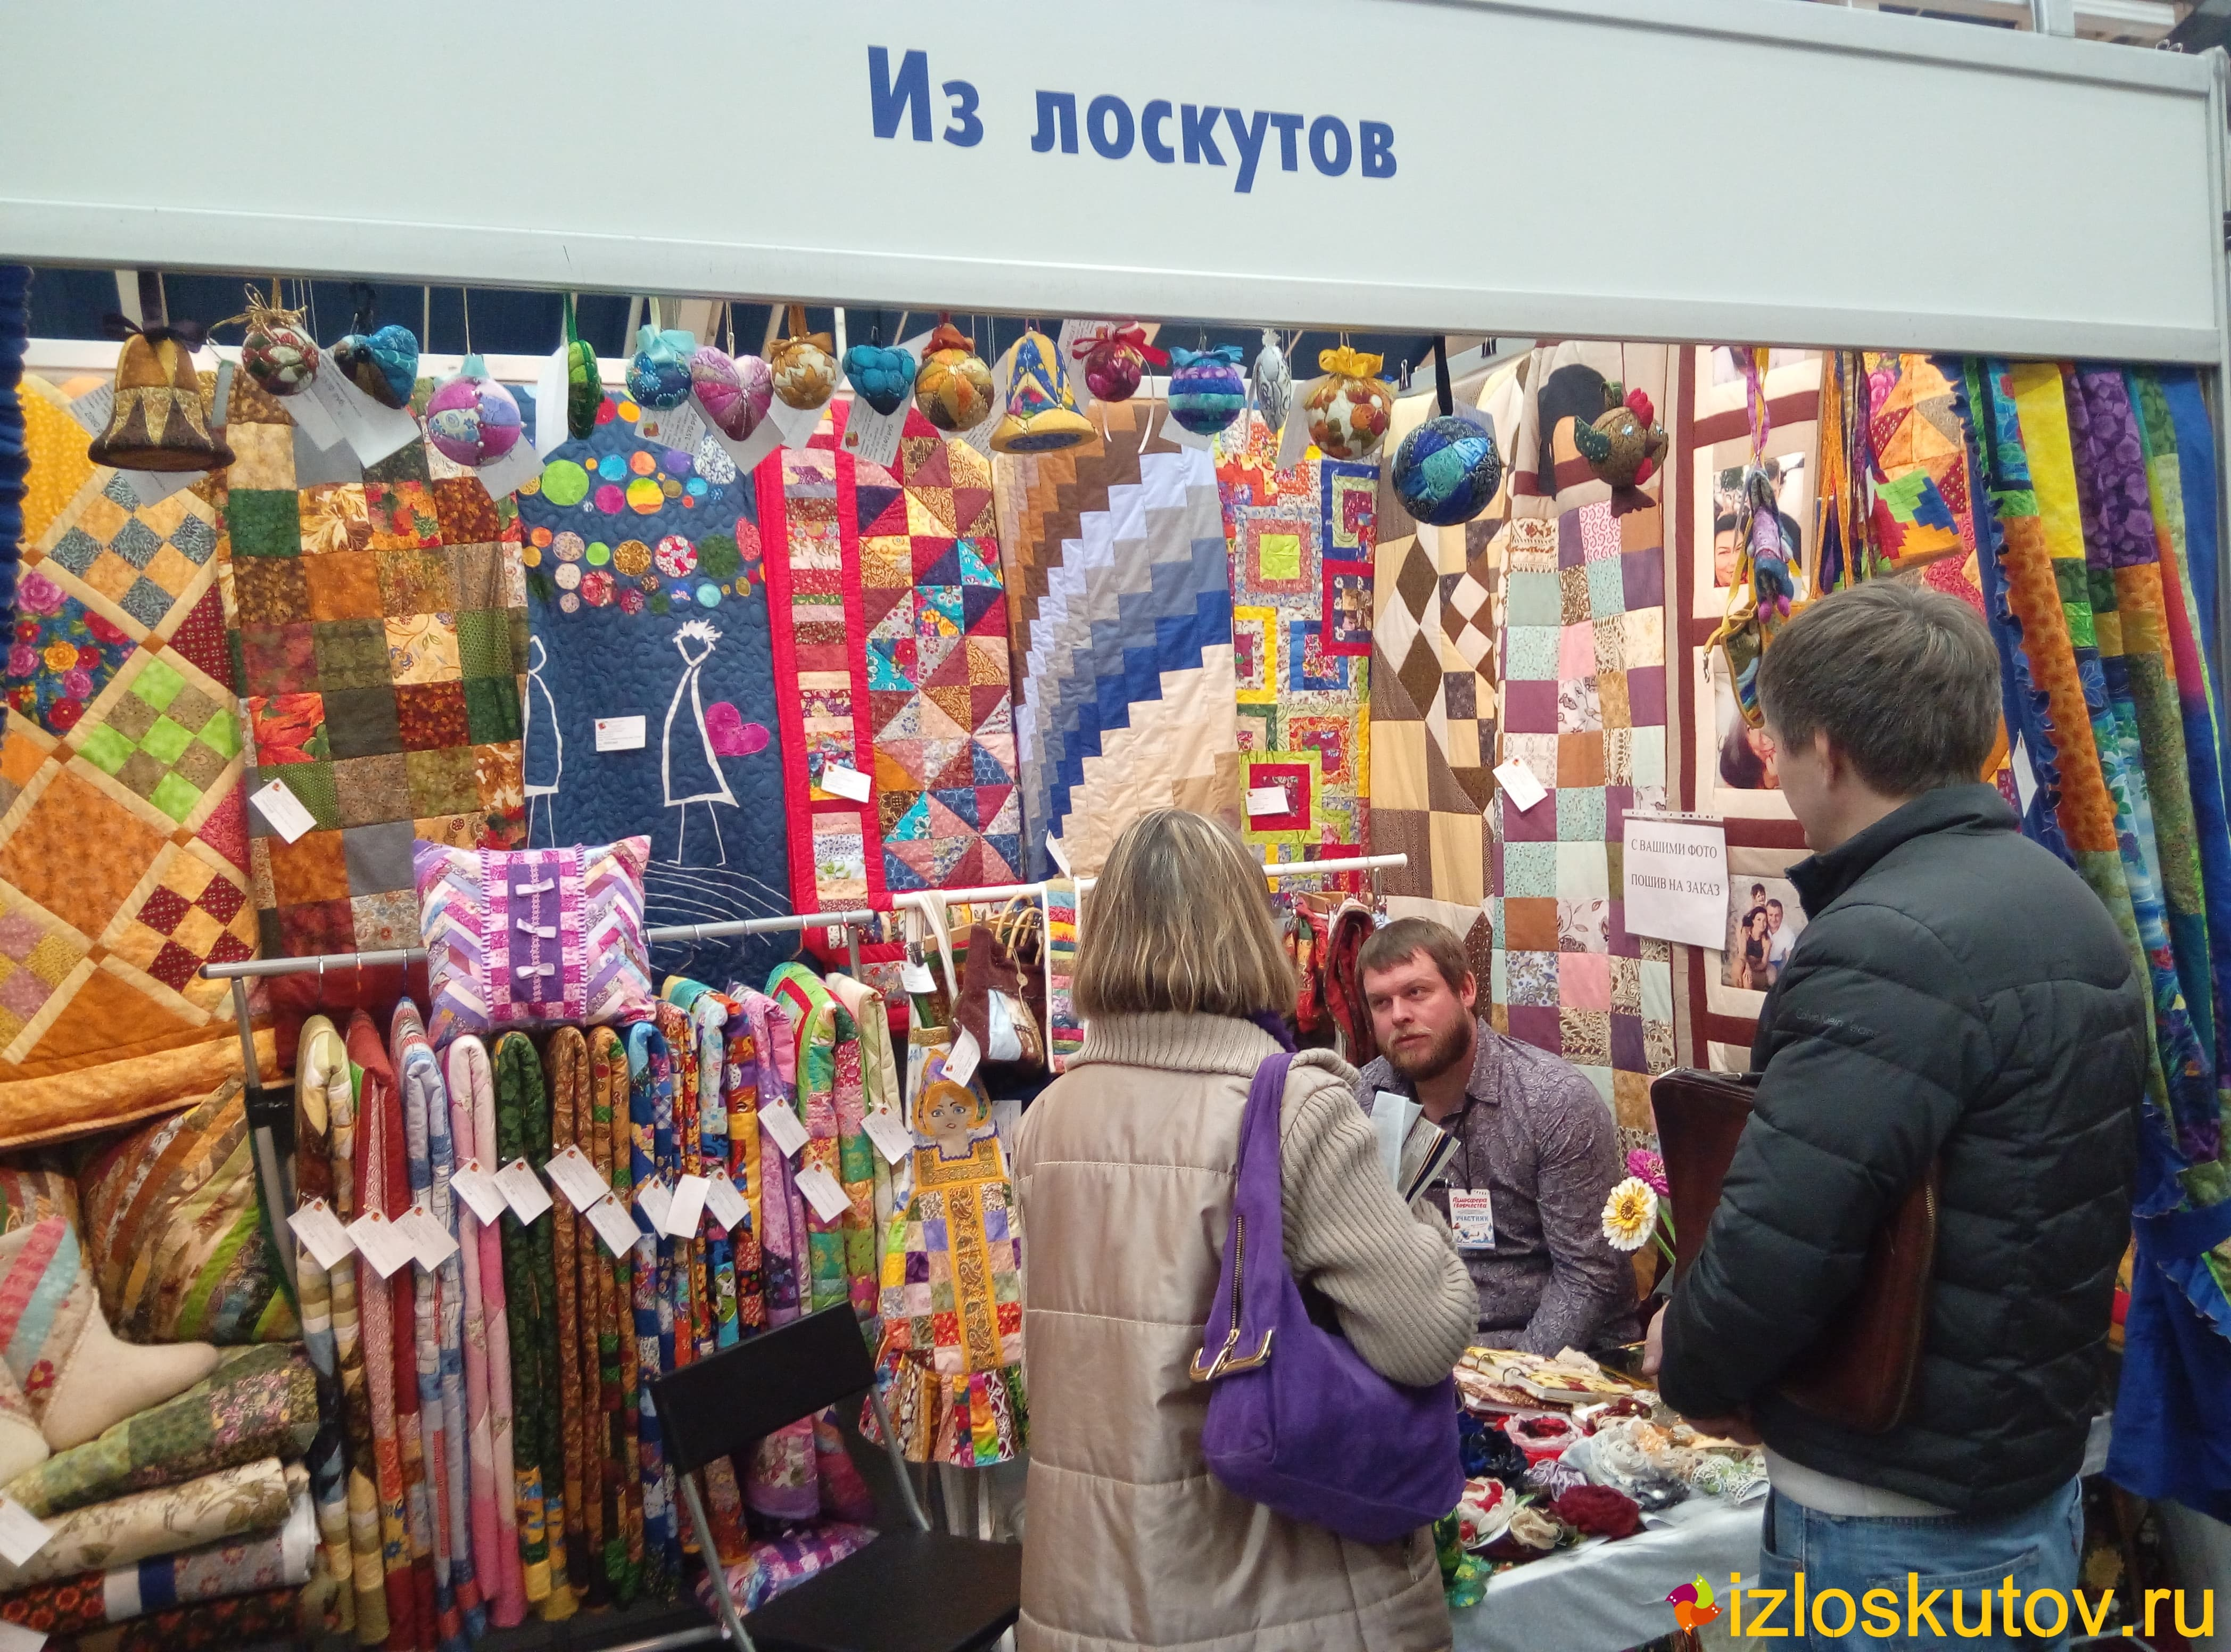 Прилавок Из лоскутов.ру